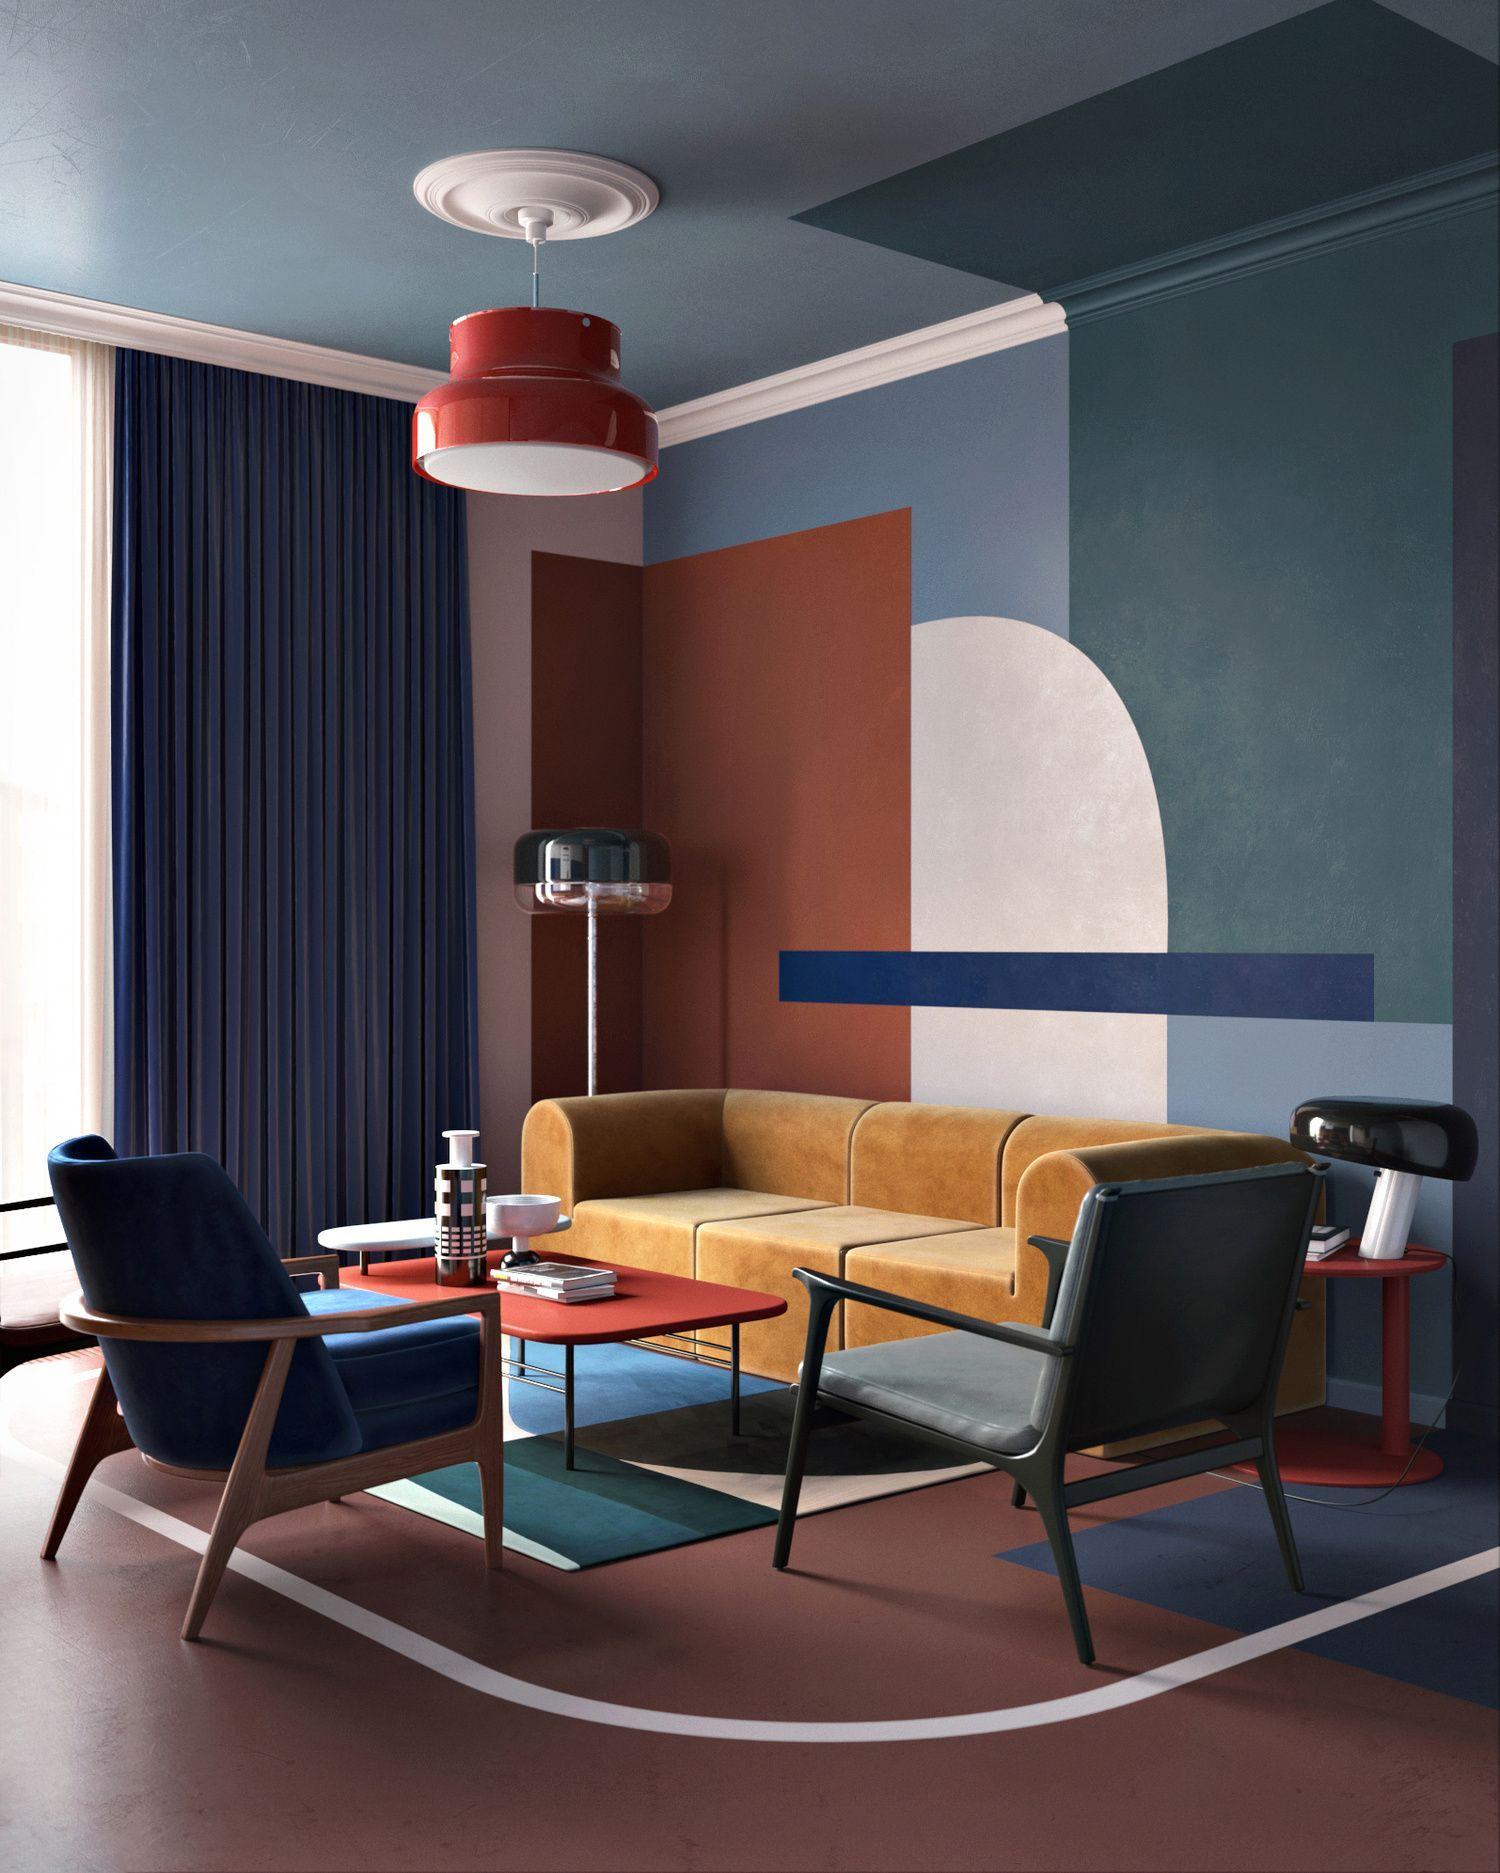 Colore pareti soggiorno • Idee per cambiare stile  Colori & Colori  Pinterest  집 조명, 미니멀 침실 e ...